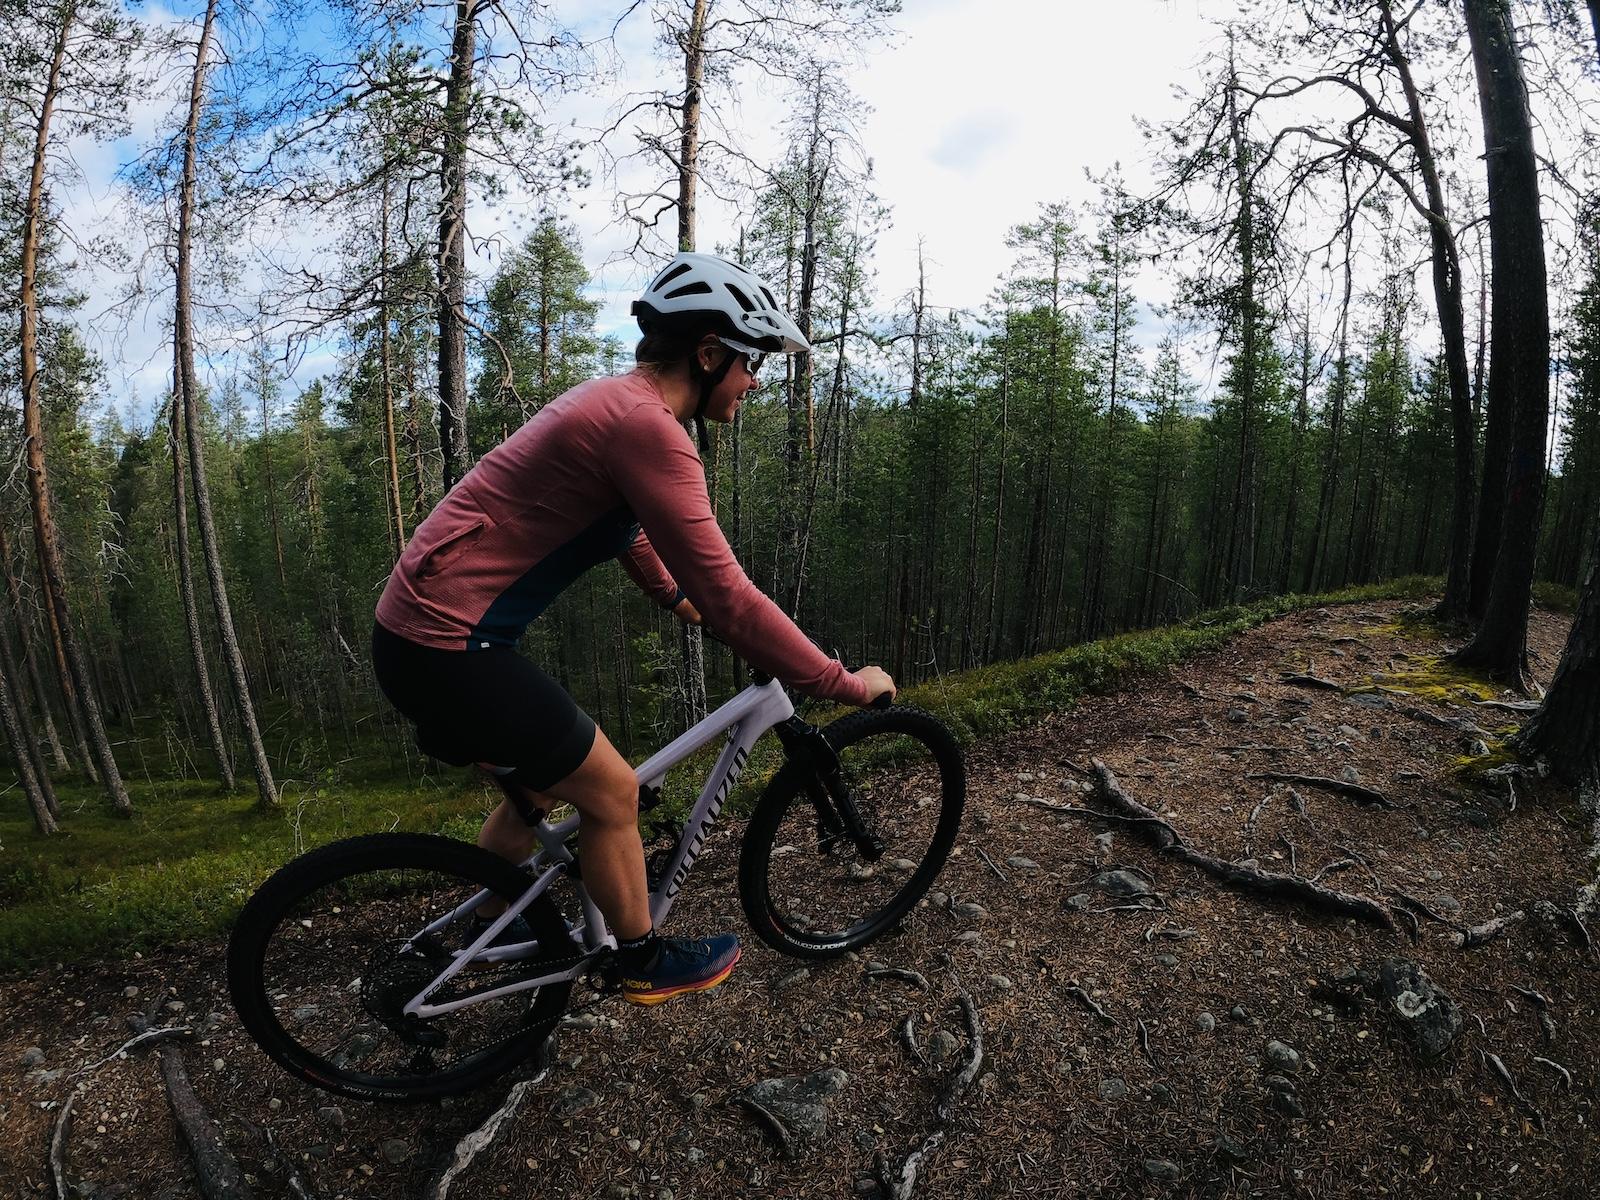 Hossa maastopyöräily